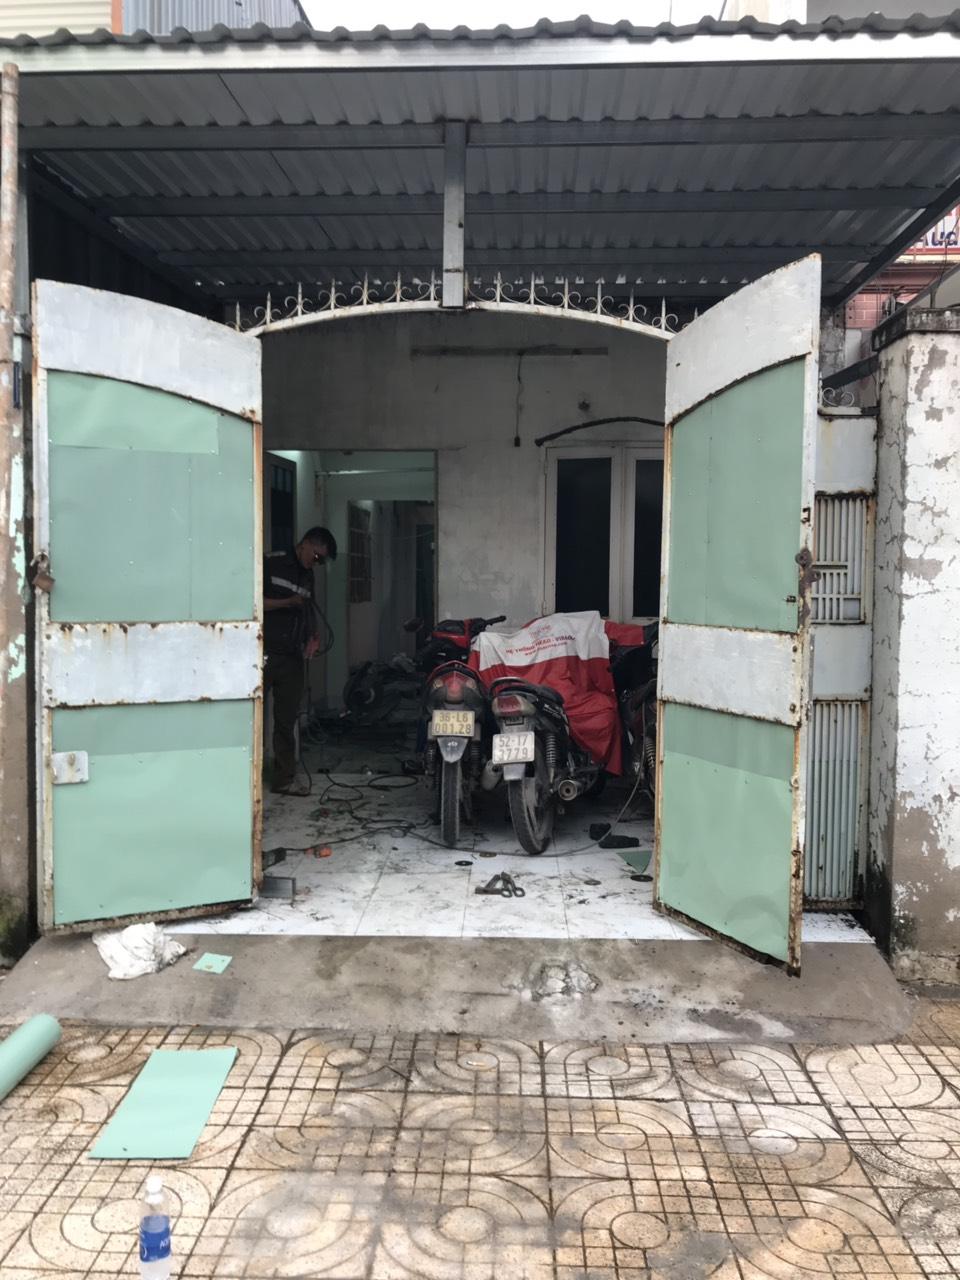 Thợ sửa chữa cửa sắt tại tphcm tới sau 15 phút - Nguyễn Danh